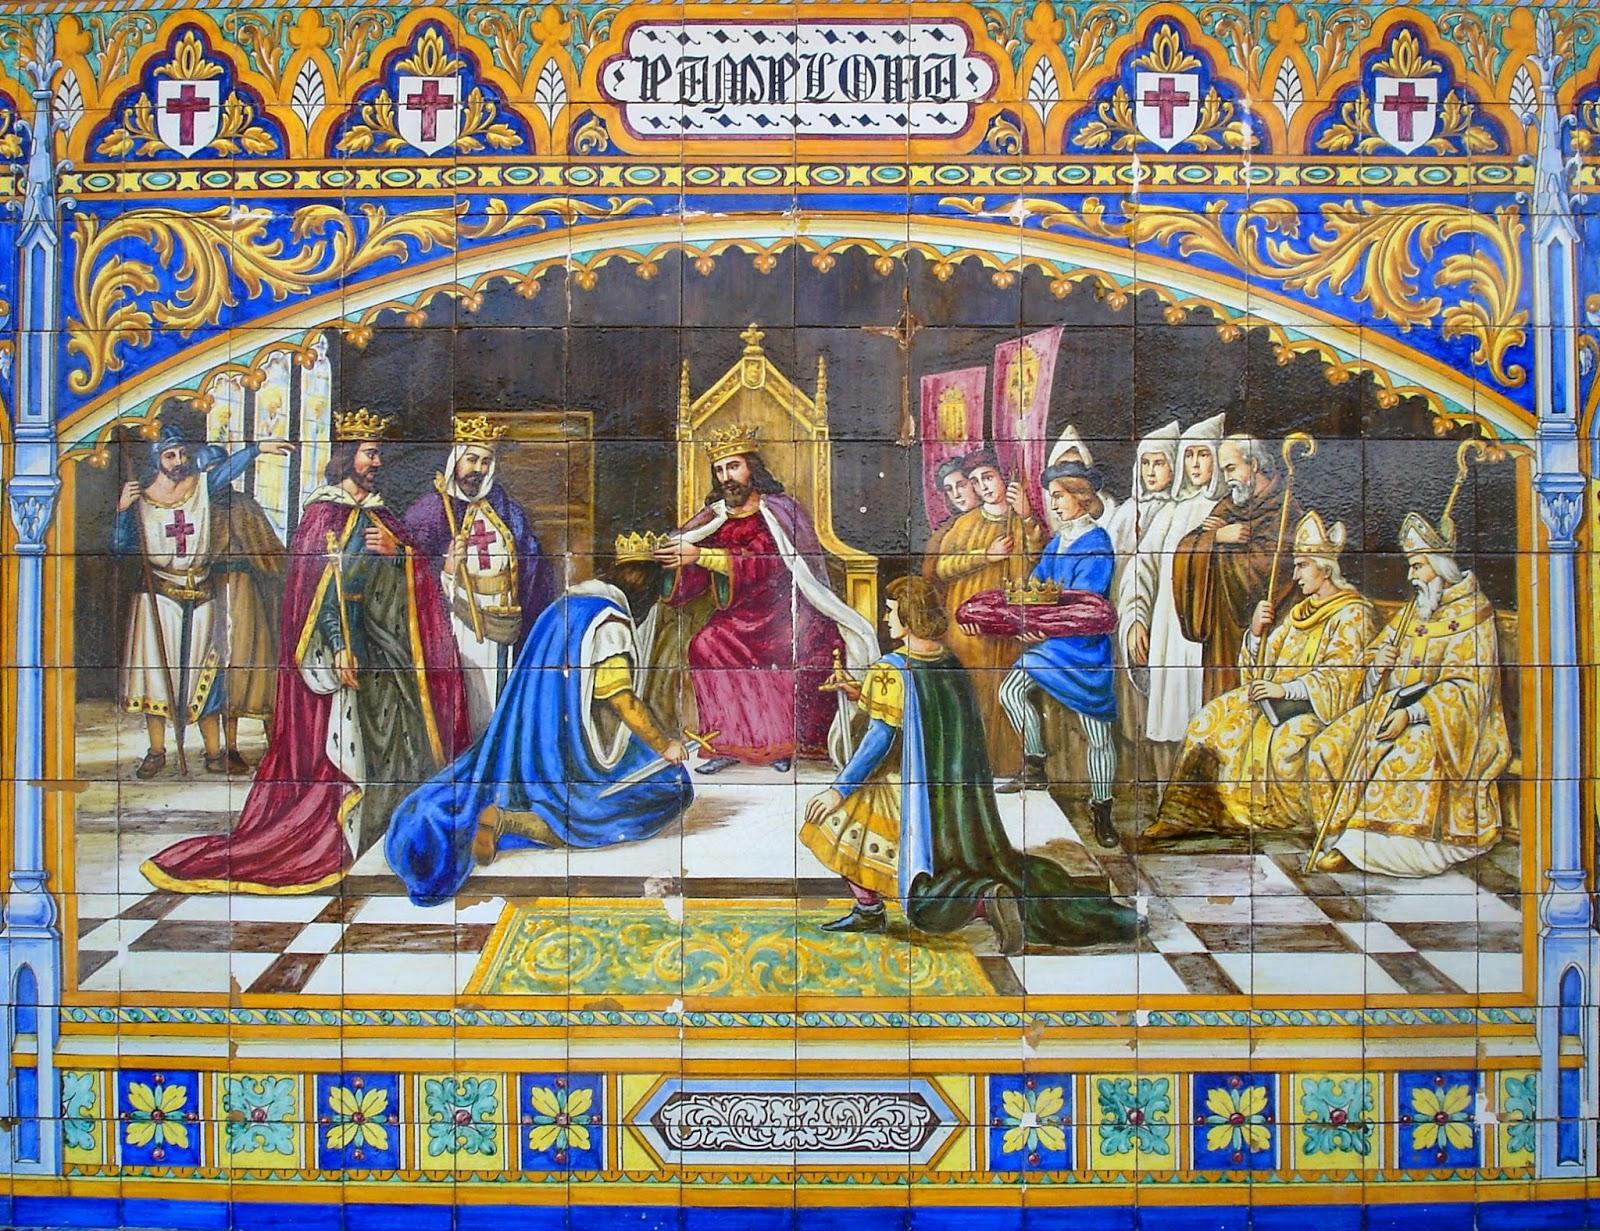 Peque a historia de espa a sancho iii rey de navarra a o for El rey de los azulejos